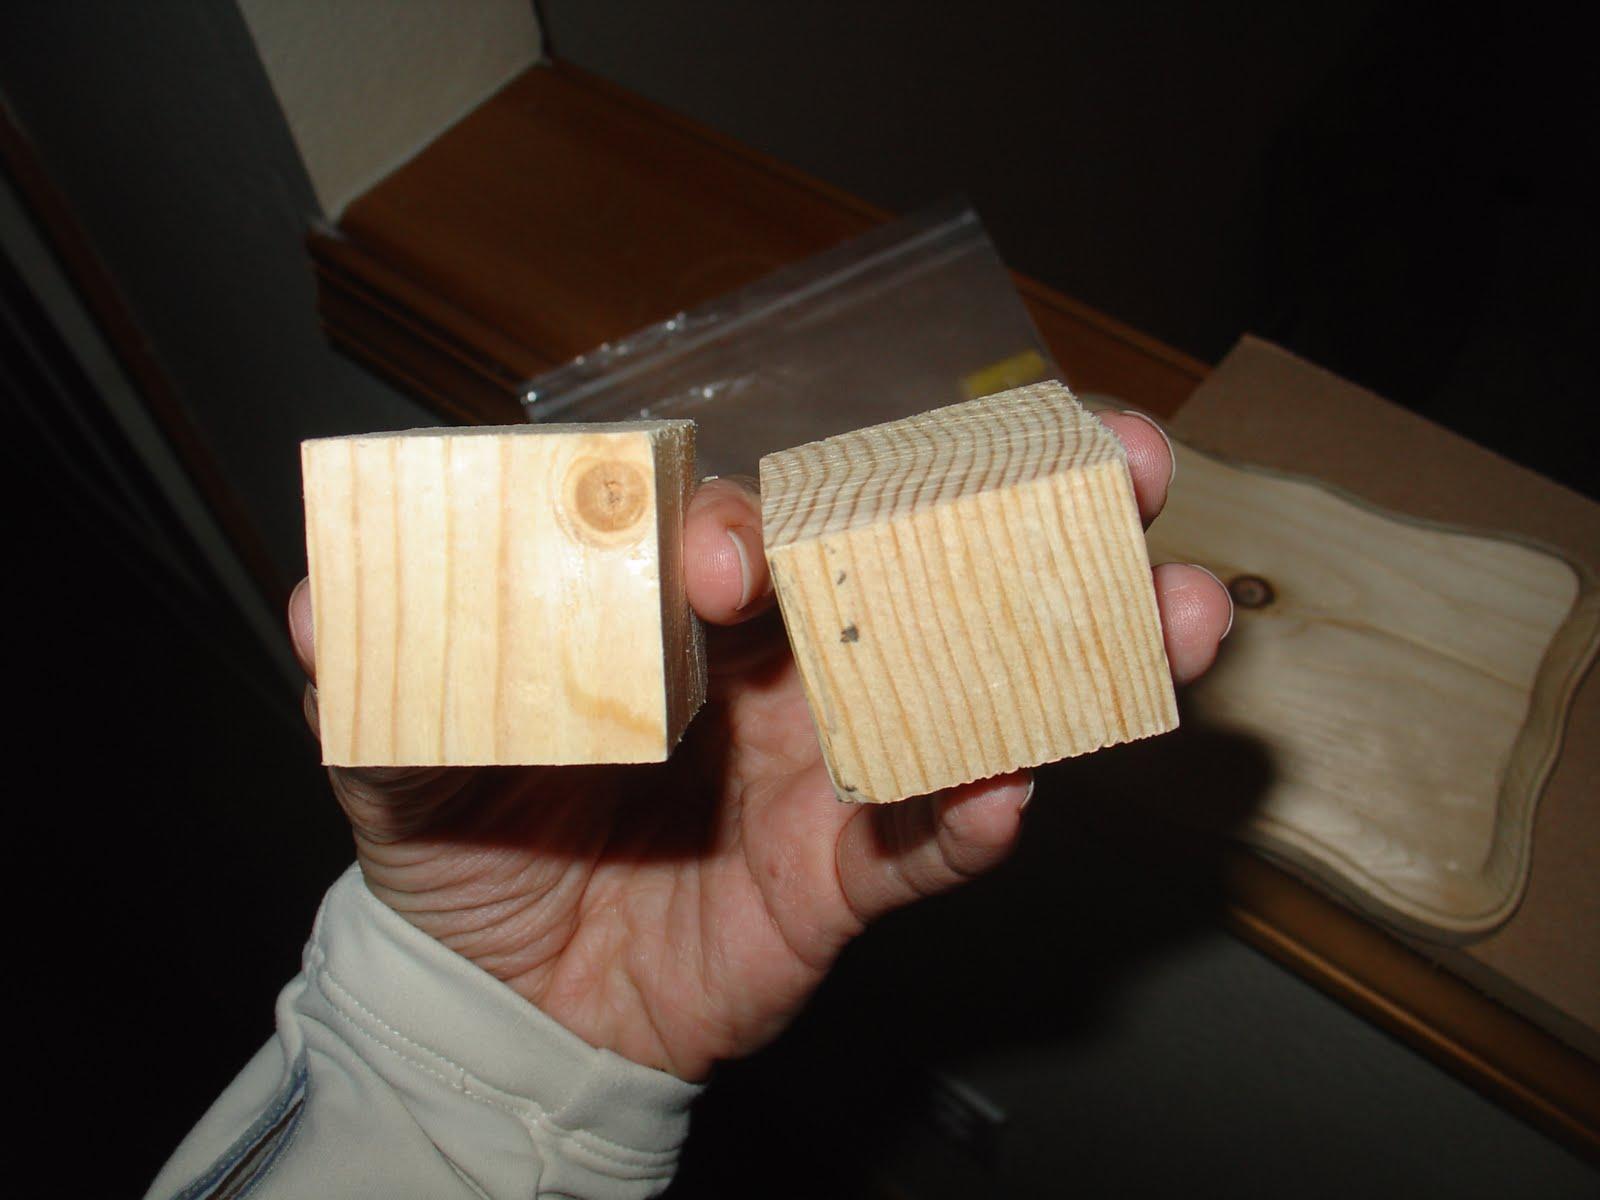 http://1.bp.blogspot.com/_o7MN5OIxoNs/SwtIdSfanCI/AAAAAAAAA3Y/inWfIiIqRcA/s1600/blocks.JPG